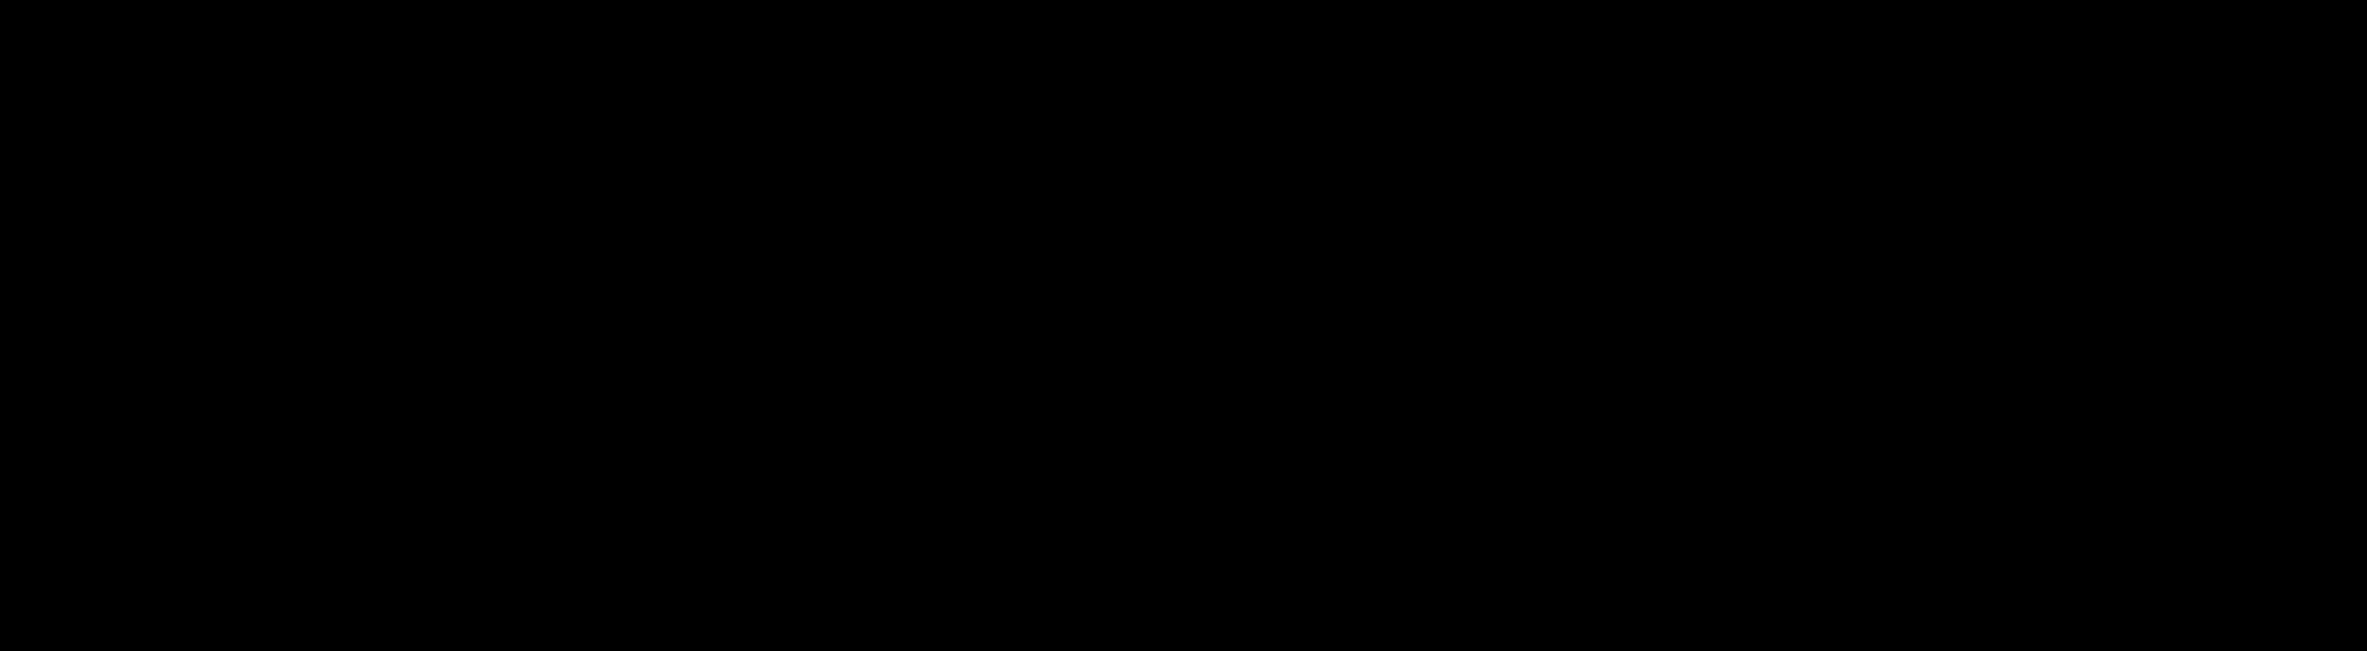 Tonka Logo Png Transparent.